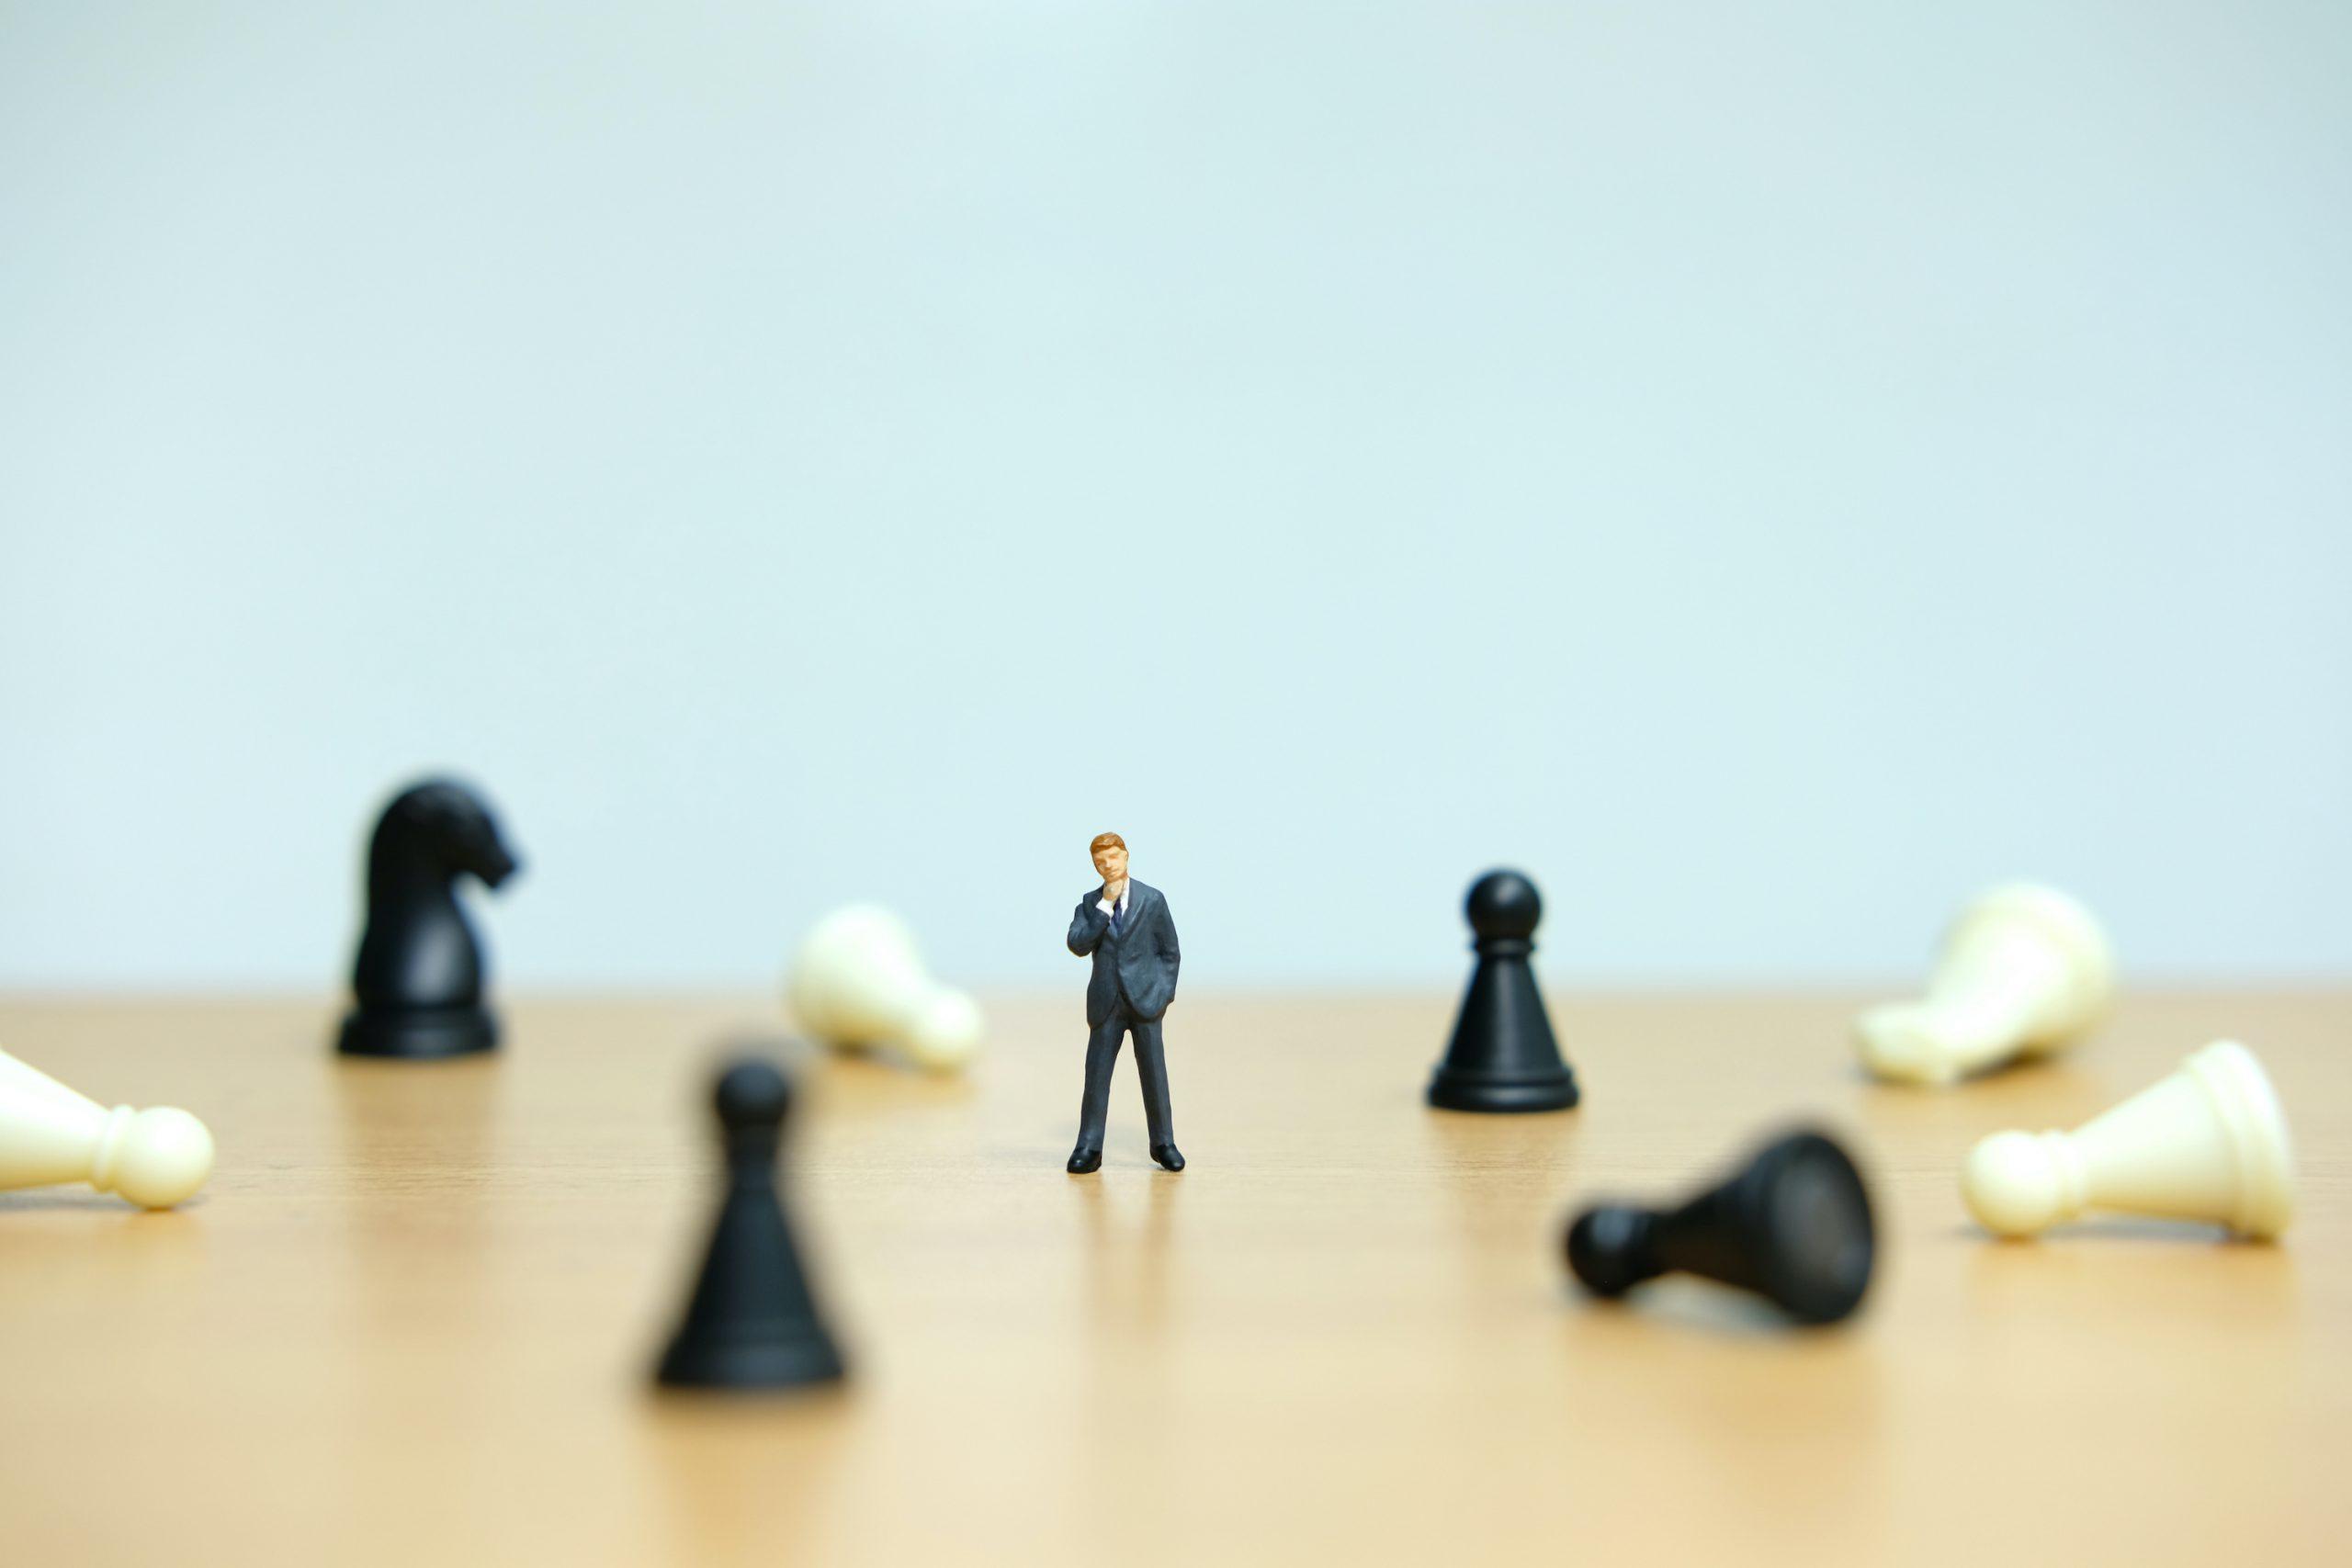 チェスのポーンの真ん中に立っているビジネスマン